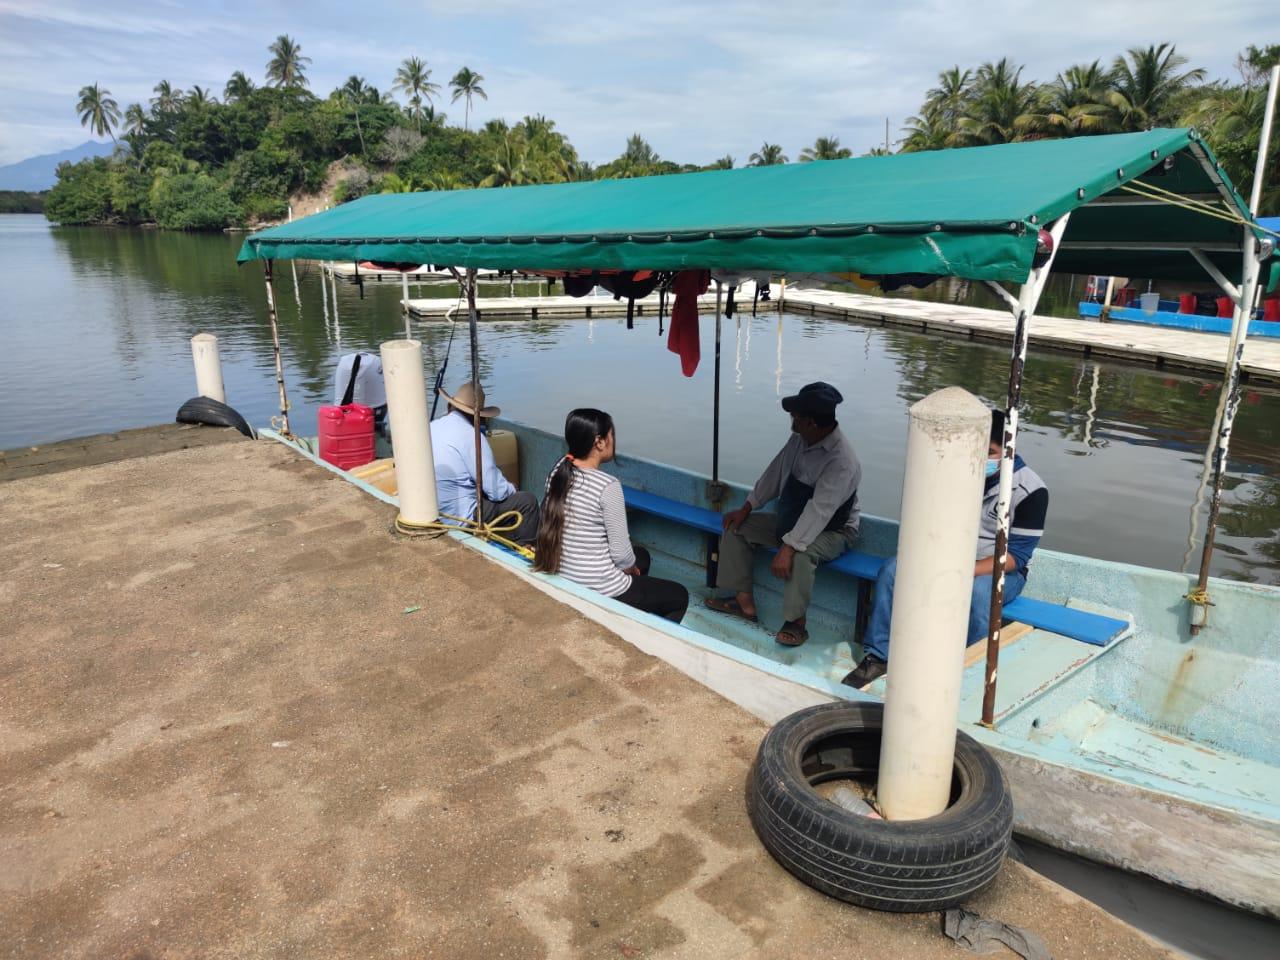 Servicio de lanchas en la región sur de Veracruz, opera con medidas sanitarias